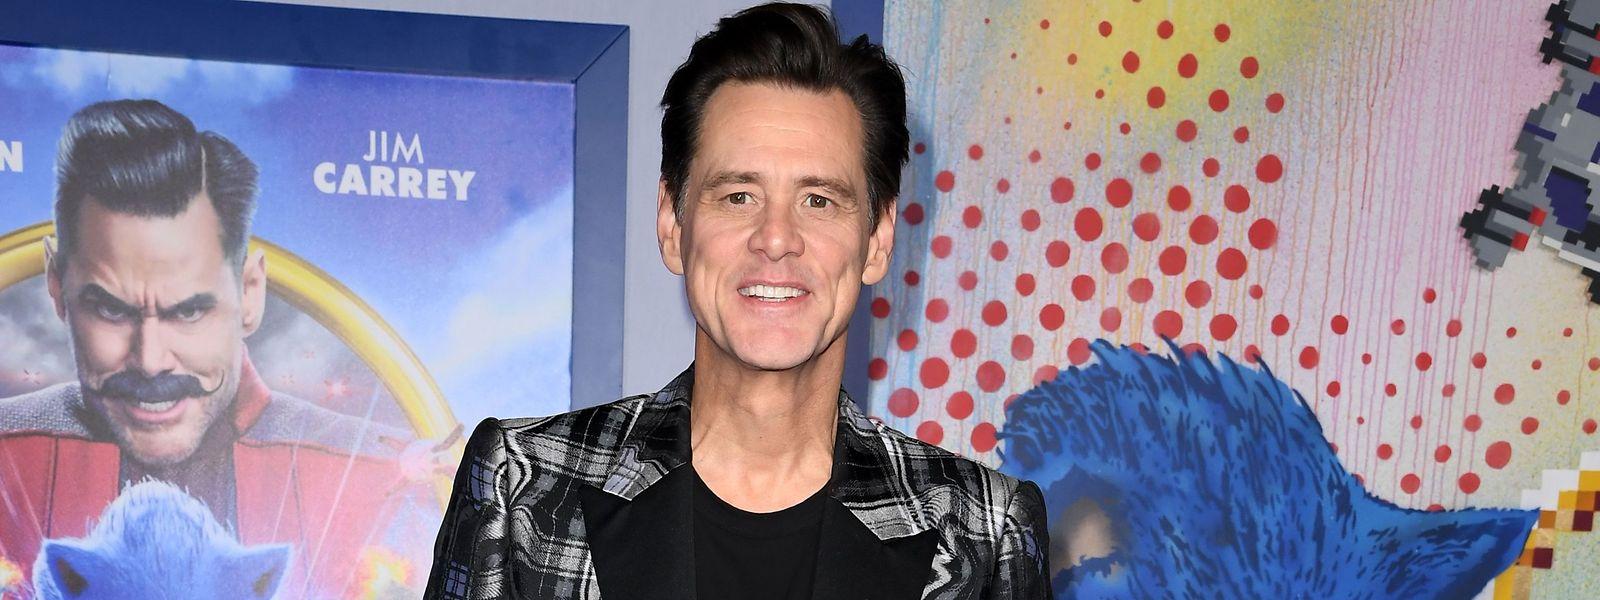 Jim Carrey wuchs in Ontario, Kanada, auf. Erst Anfang der 1980er-Jahre zog er nach Erfolgen als Stand-up-Comedian in seiner Heimat nach Hollywood.